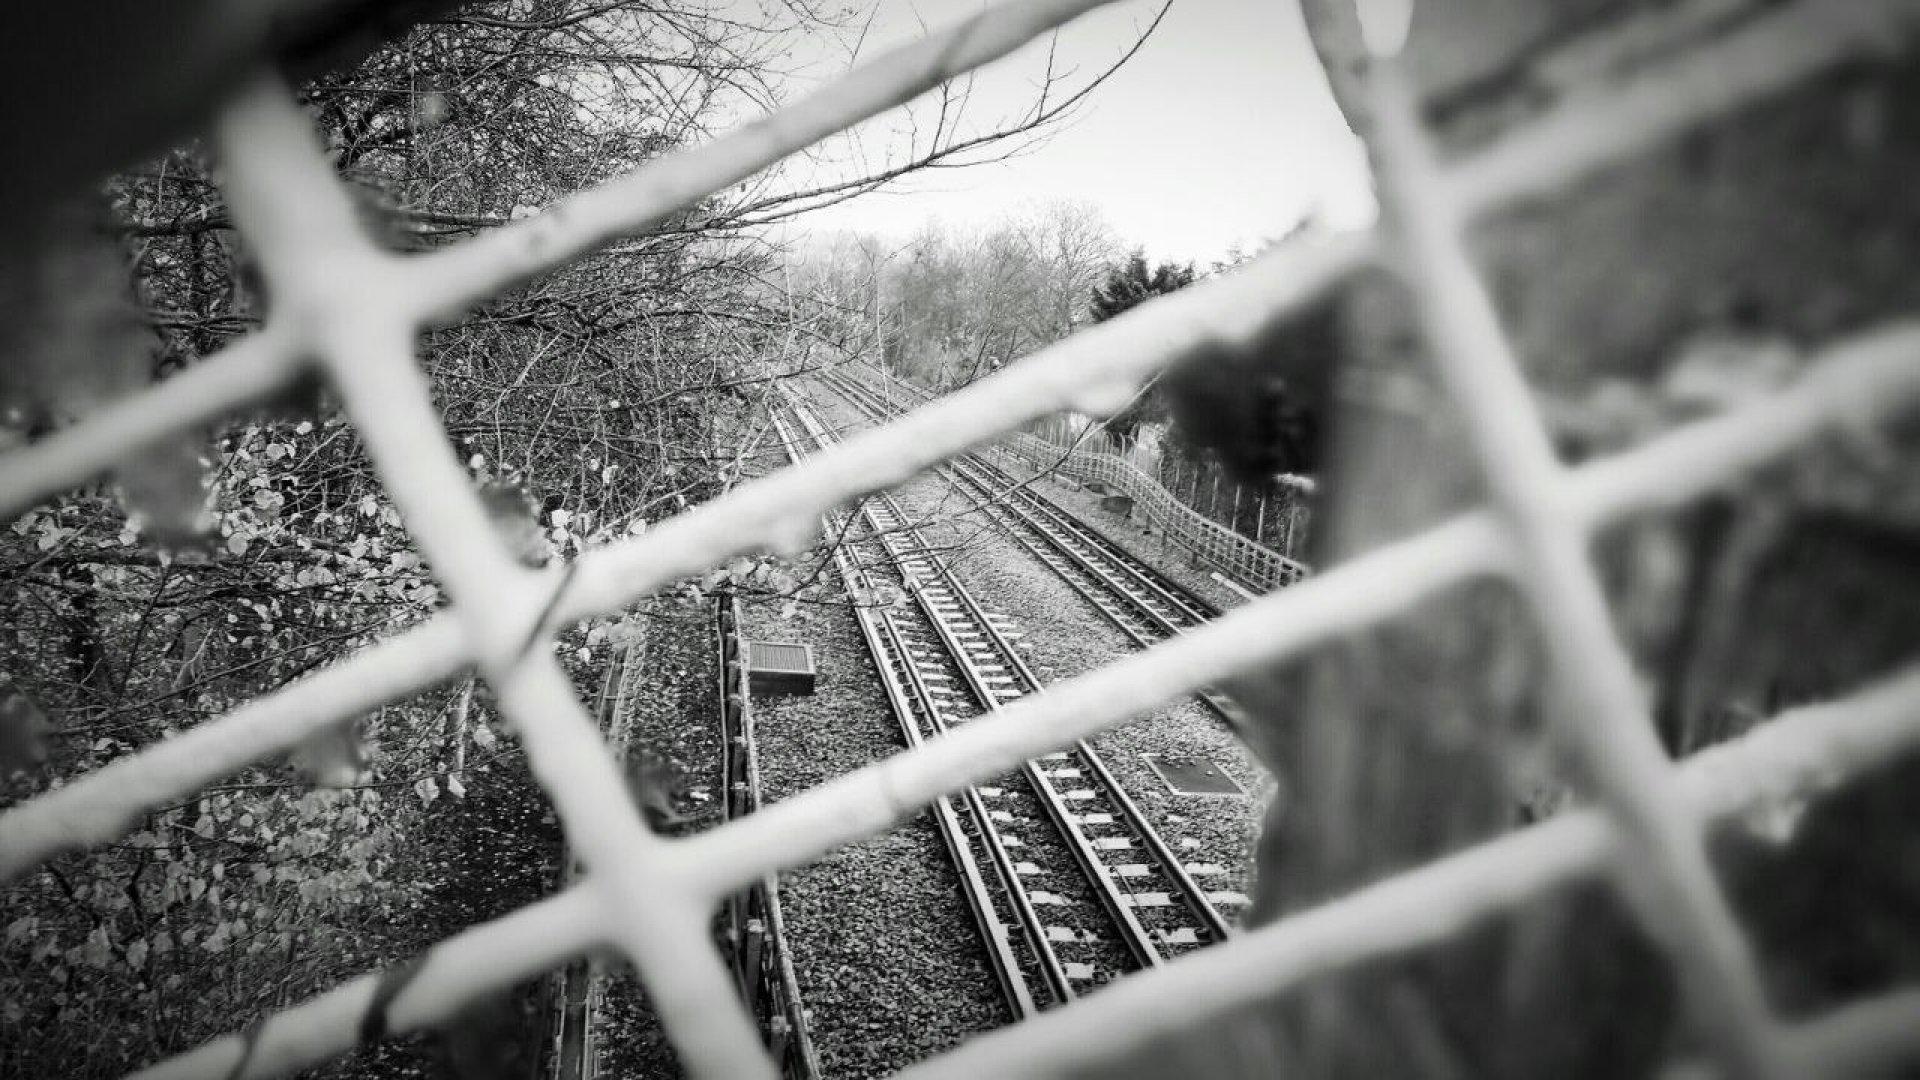 Train way